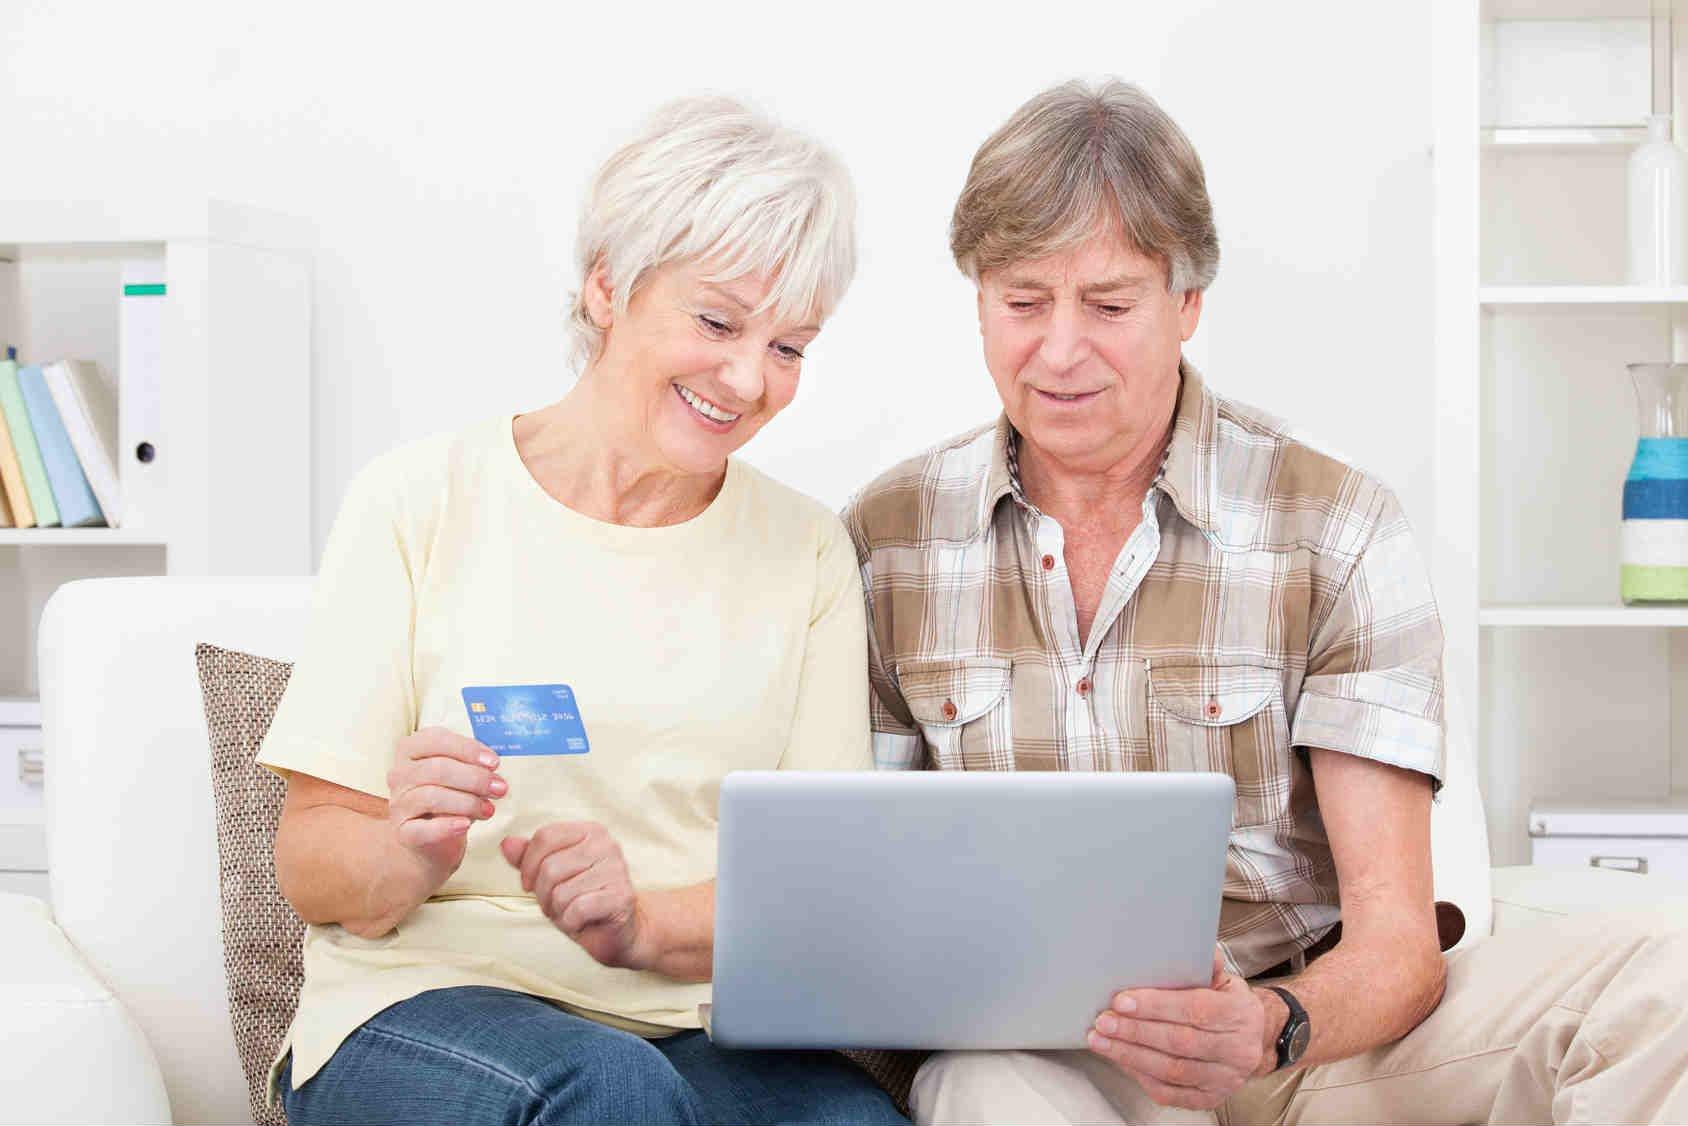 потребительский кредит в почта банк пенсионерам как перевести деньги с телефона на карту сбербанка через смс 900 теле2 себя